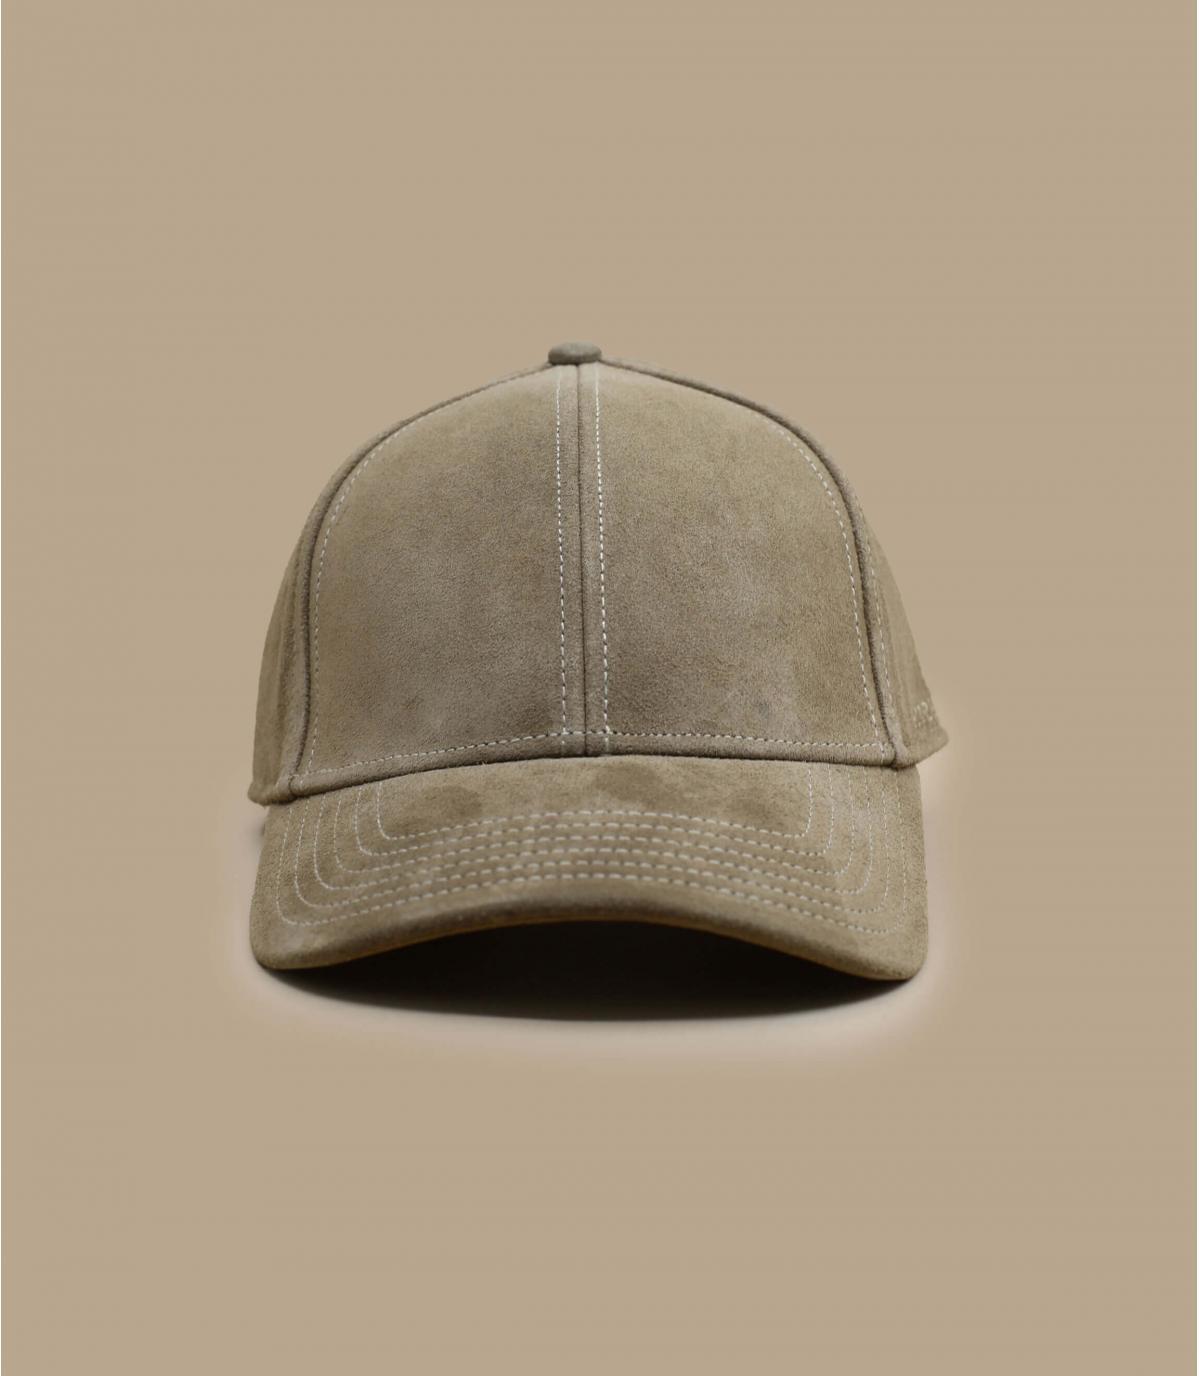 Détails Baseball Cap Calf Leather - image 2